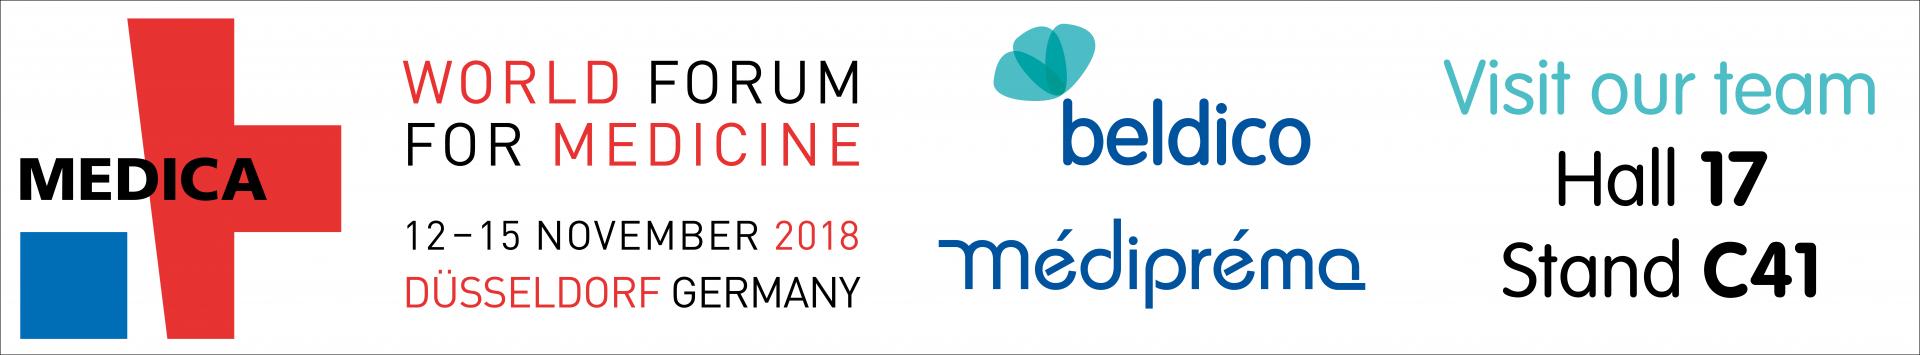 Beldico & Mediprema MEDICA 2018